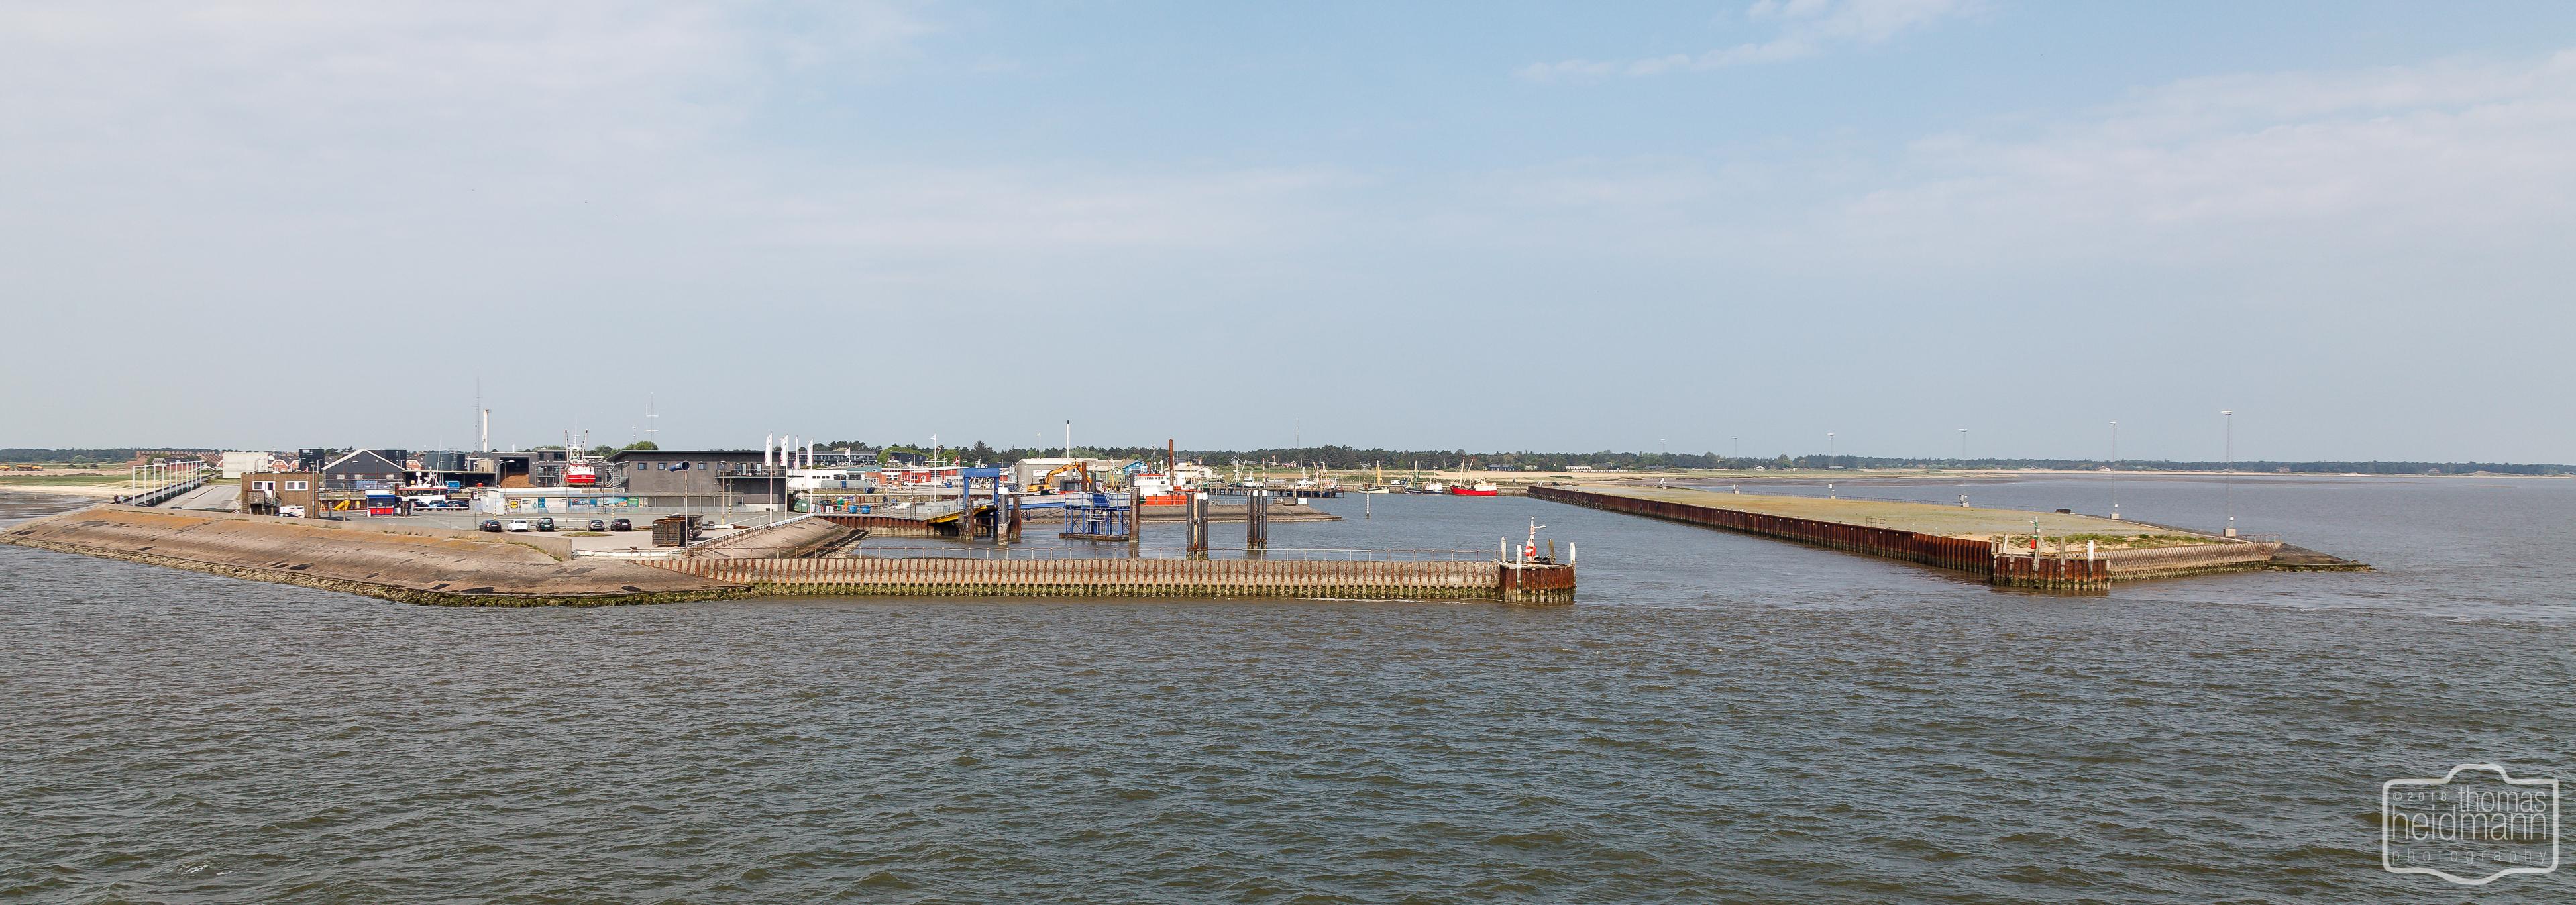 Hafen Havneby Syltfähranleger